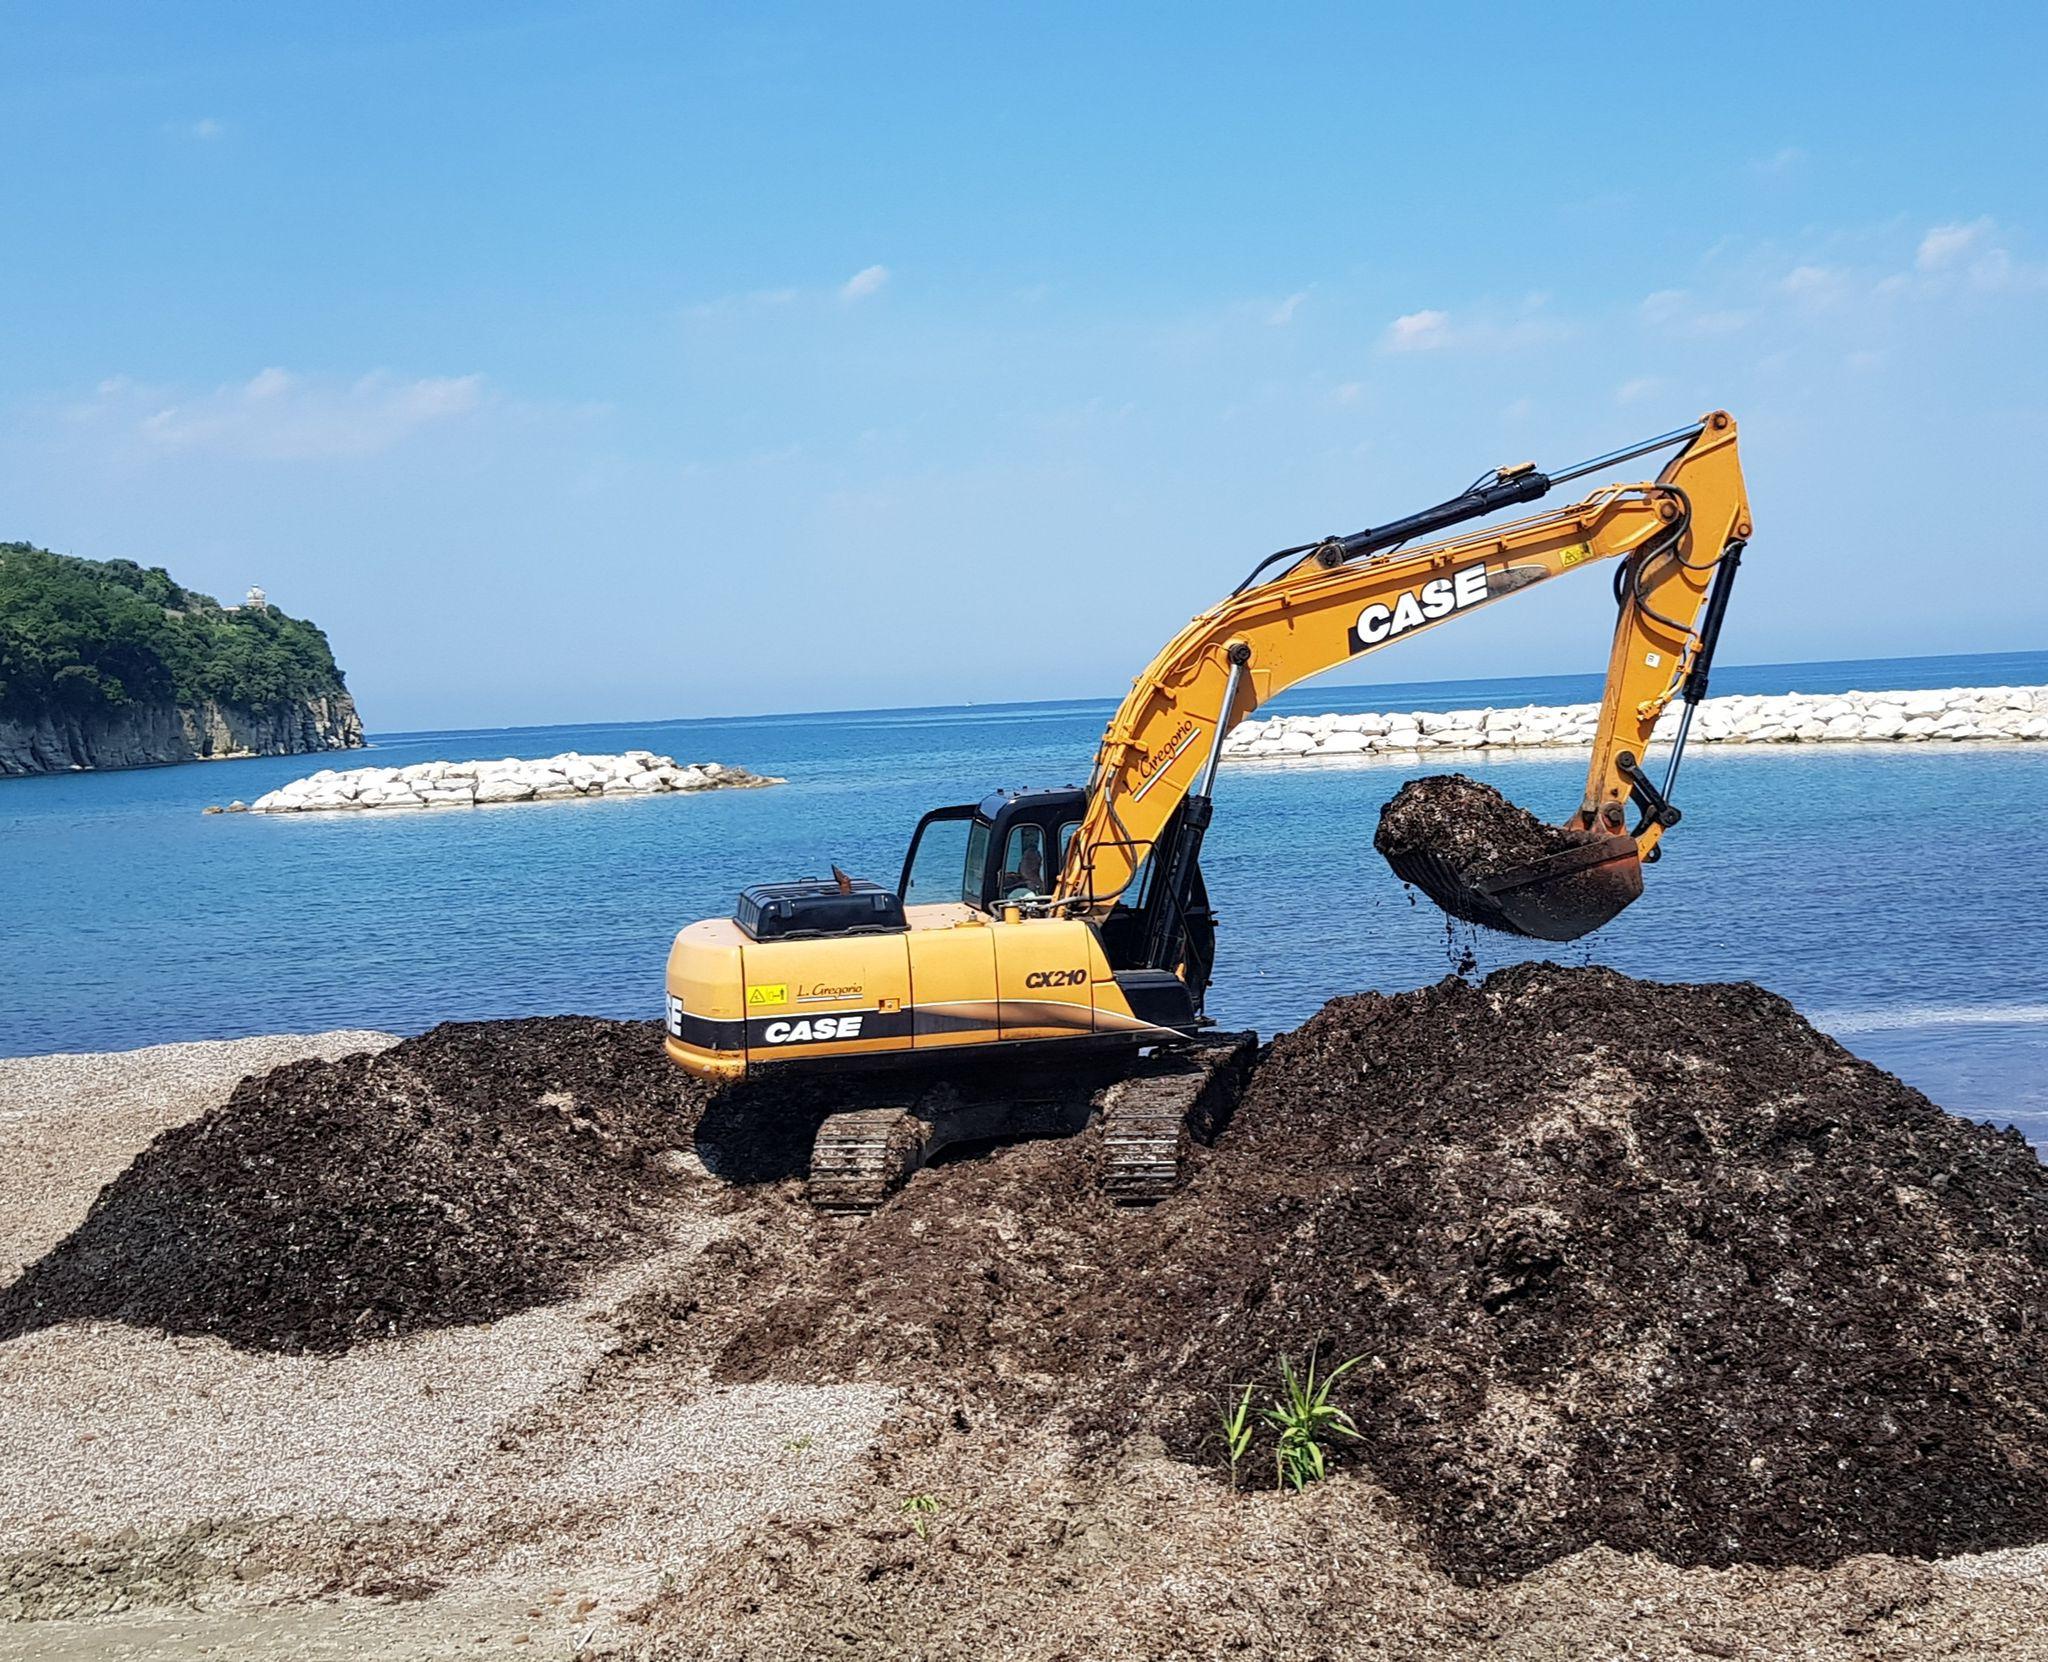 Posidonia spiaggiata, iniziati i lavori di pulizia della spiaggia del lido Azzurro ad Agropoli